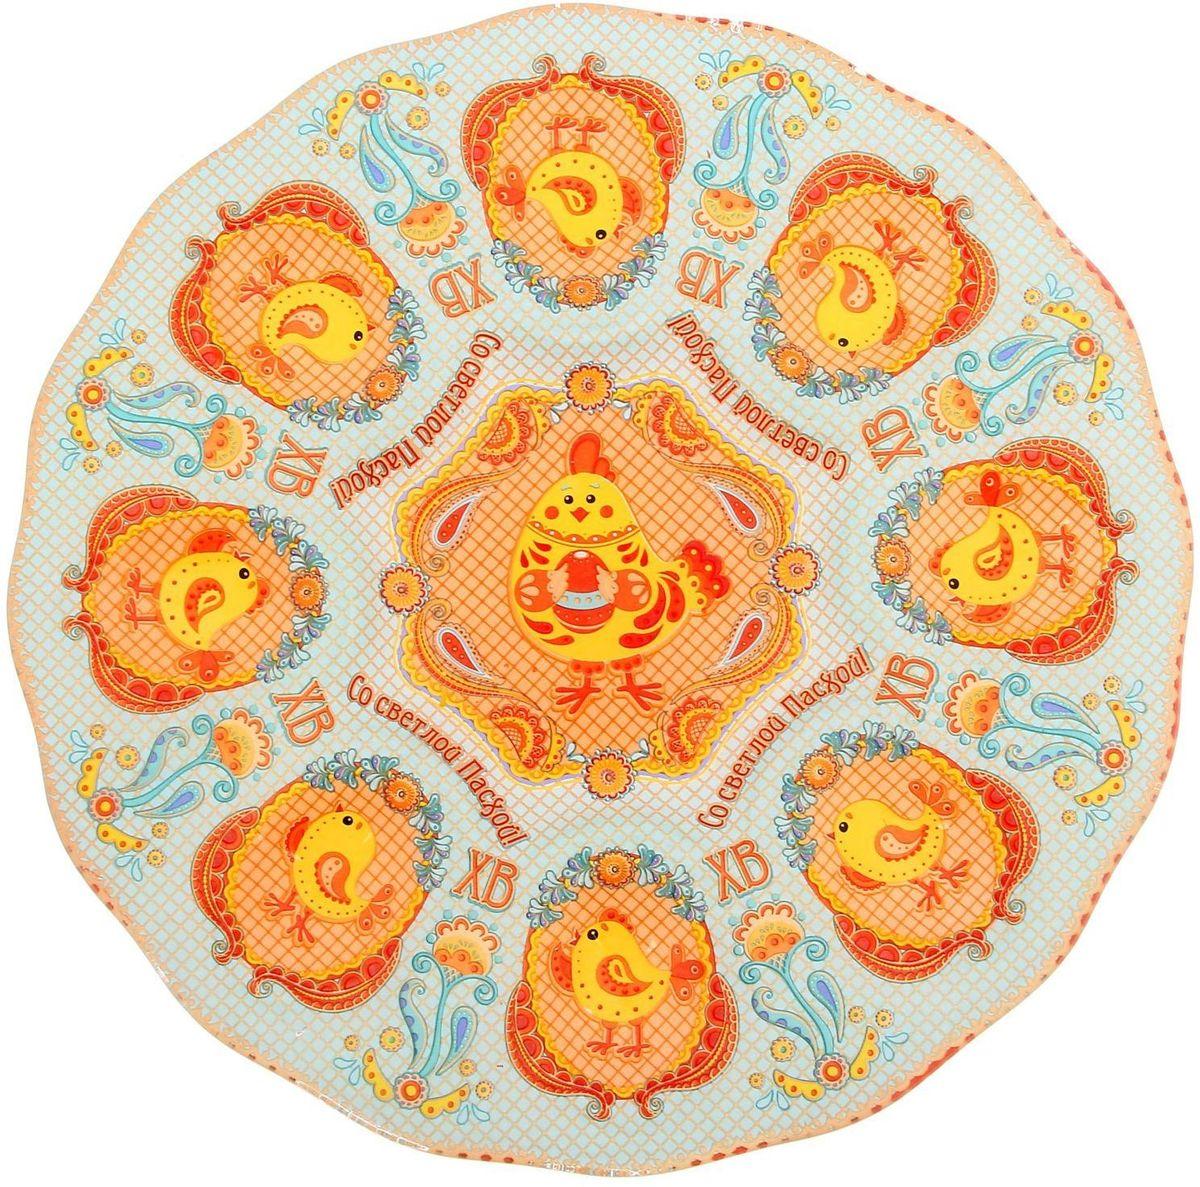 Декоративная тарелка Со Светлой Пасхой. Курица и цыплята, на 8 яиц, 24,9 х 24,9 см. 1224488VT-1520(SR)Желаем радости, добра и света вам и вашим близким!Пасхальная подставка под 8 яиц и кулич изготовлена из пластика и имеет полноцветное яркое изображение. Аксессуар станет достойным украшением праздничного стола, создаст радостное настроение и наполнит пространство дома благостной энергией на год вперёд.Изделие также будет хорошим подарком друзьям и коллегам.